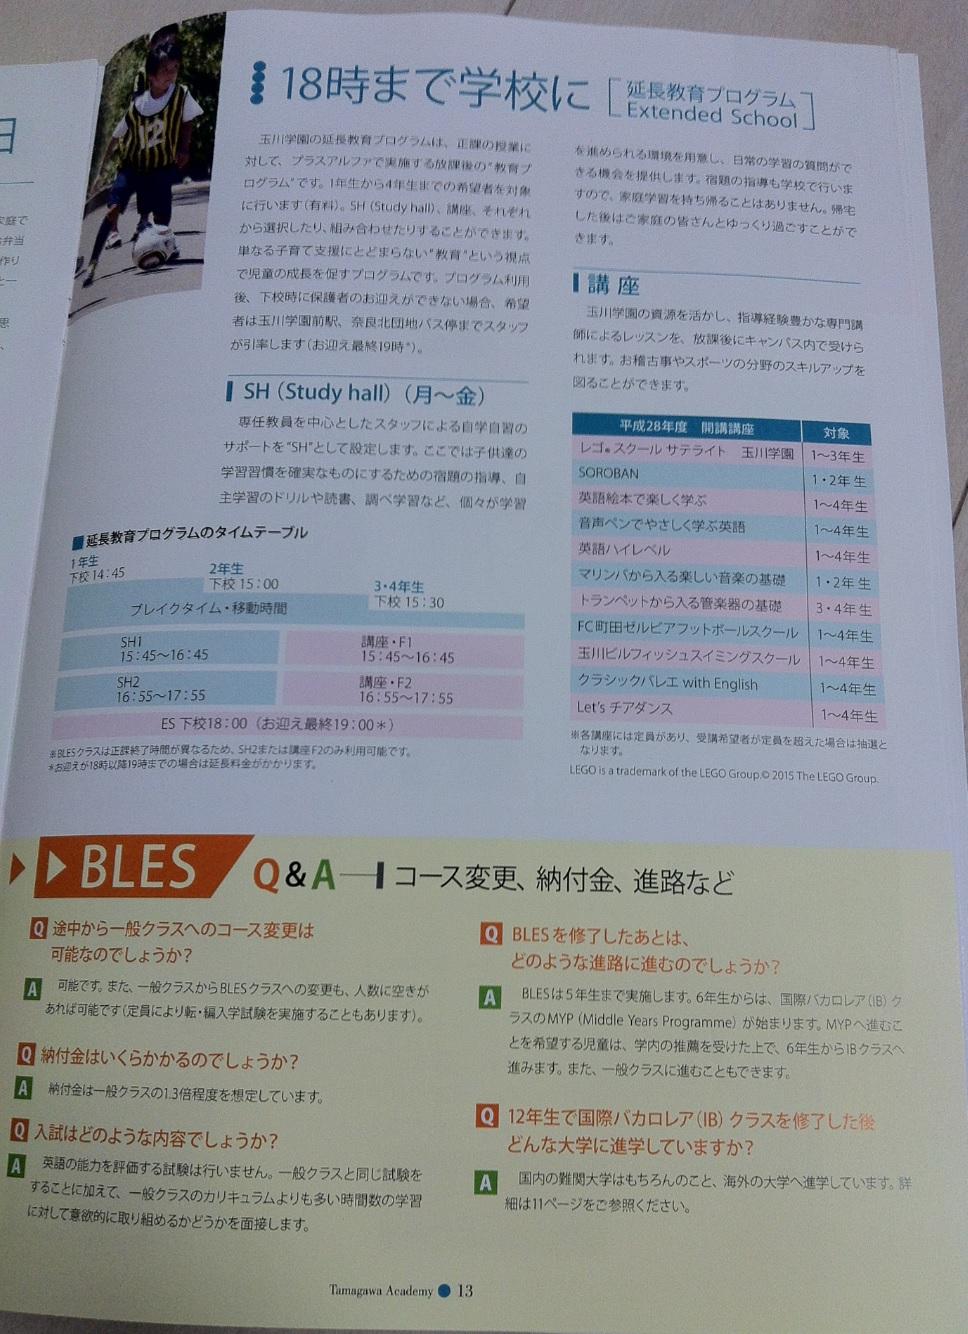 玉川学園小学校の学校案内パンフレット画像キャプチャ(ページ13)